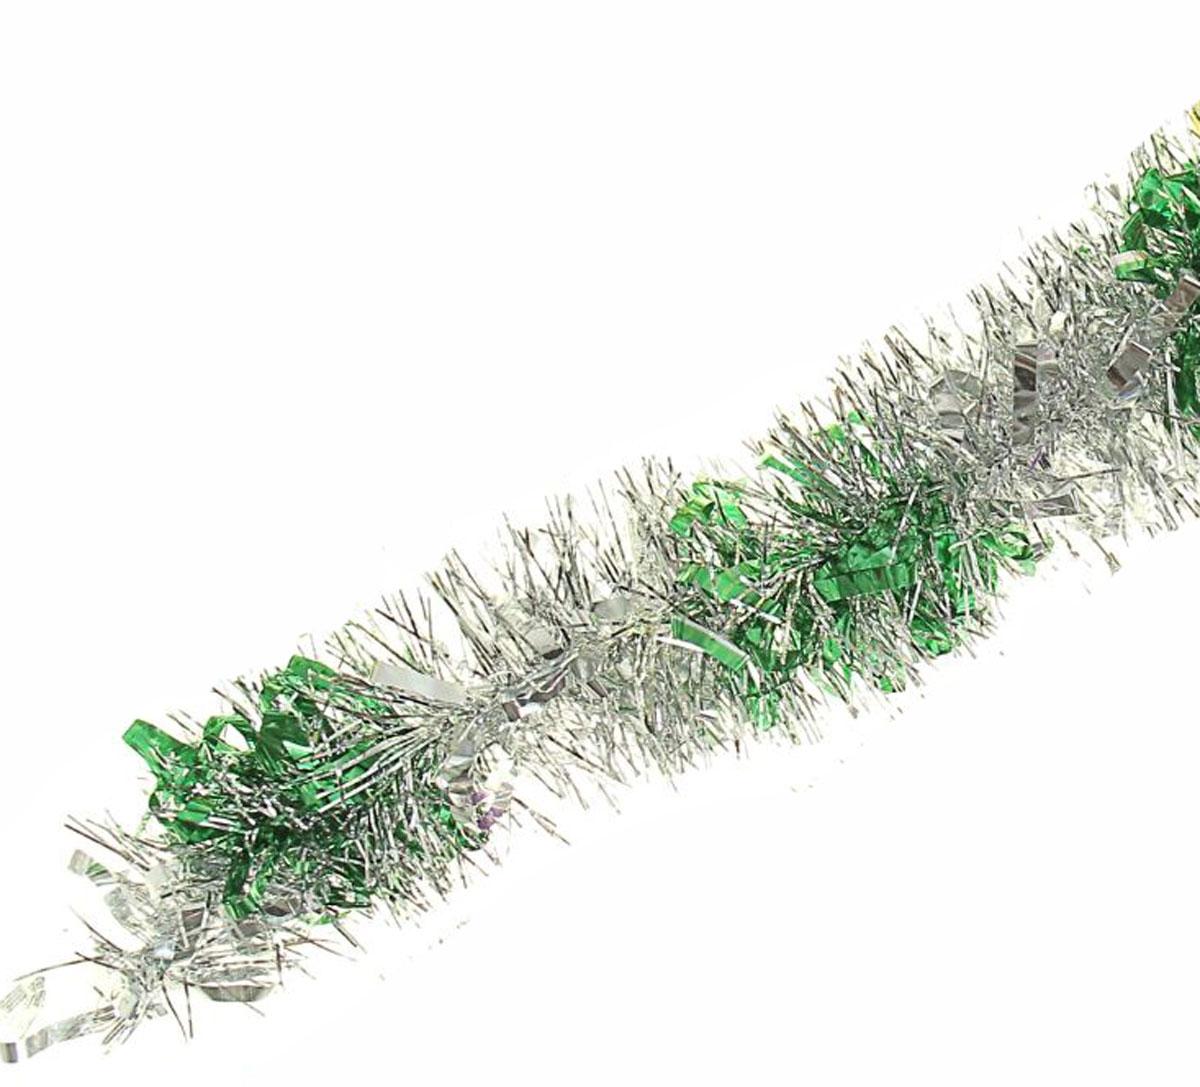 Мишура новогодняя Sima-land, цвет: серебристый, зеленый, диаметр 8 см, длина 200 см. 702578702578Мишура новогодняя Sima-land, выполненная из фольги, поможет вам украсить свой дом к предстоящим праздникам. Мишура армирована, то есть имеет проволоку внутри и способна сохранять приданную ей форму. Новогодняя елка с таким украшением станет еще наряднее. Новогодней мишурой можно украсить все, что угодно - елку, квартиру, дачу, офис - как внутри, так и снаружи. Можно сложить новогодние поздравления, буквы и цифры, мишурой можно украсить и дополнить гирлянды, можно выделить дверные колонны, оплести дверные проемы.